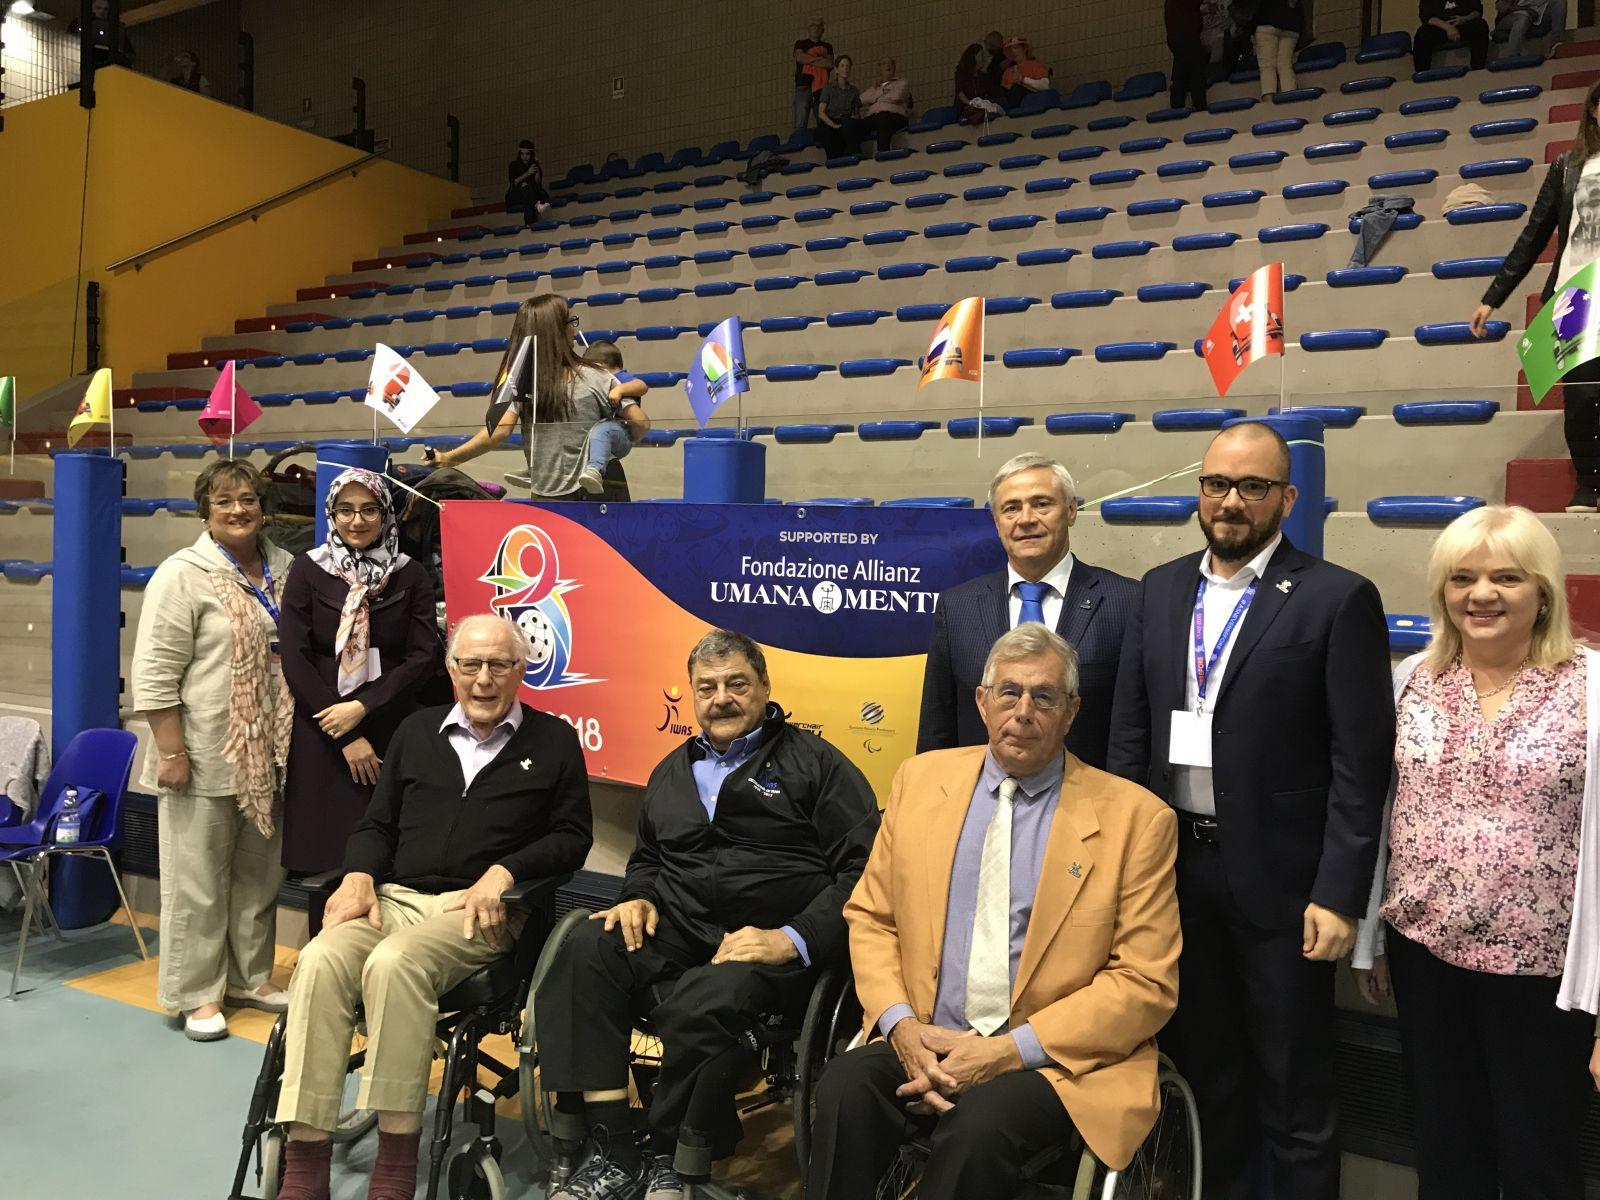 П.А. Рожков и члены Исполкома IWAS приняли участие в церемонии открытия и просмотре соревнований чемпионата мира по хоккею на электрических колясках, проводимых под эгидой IWAS